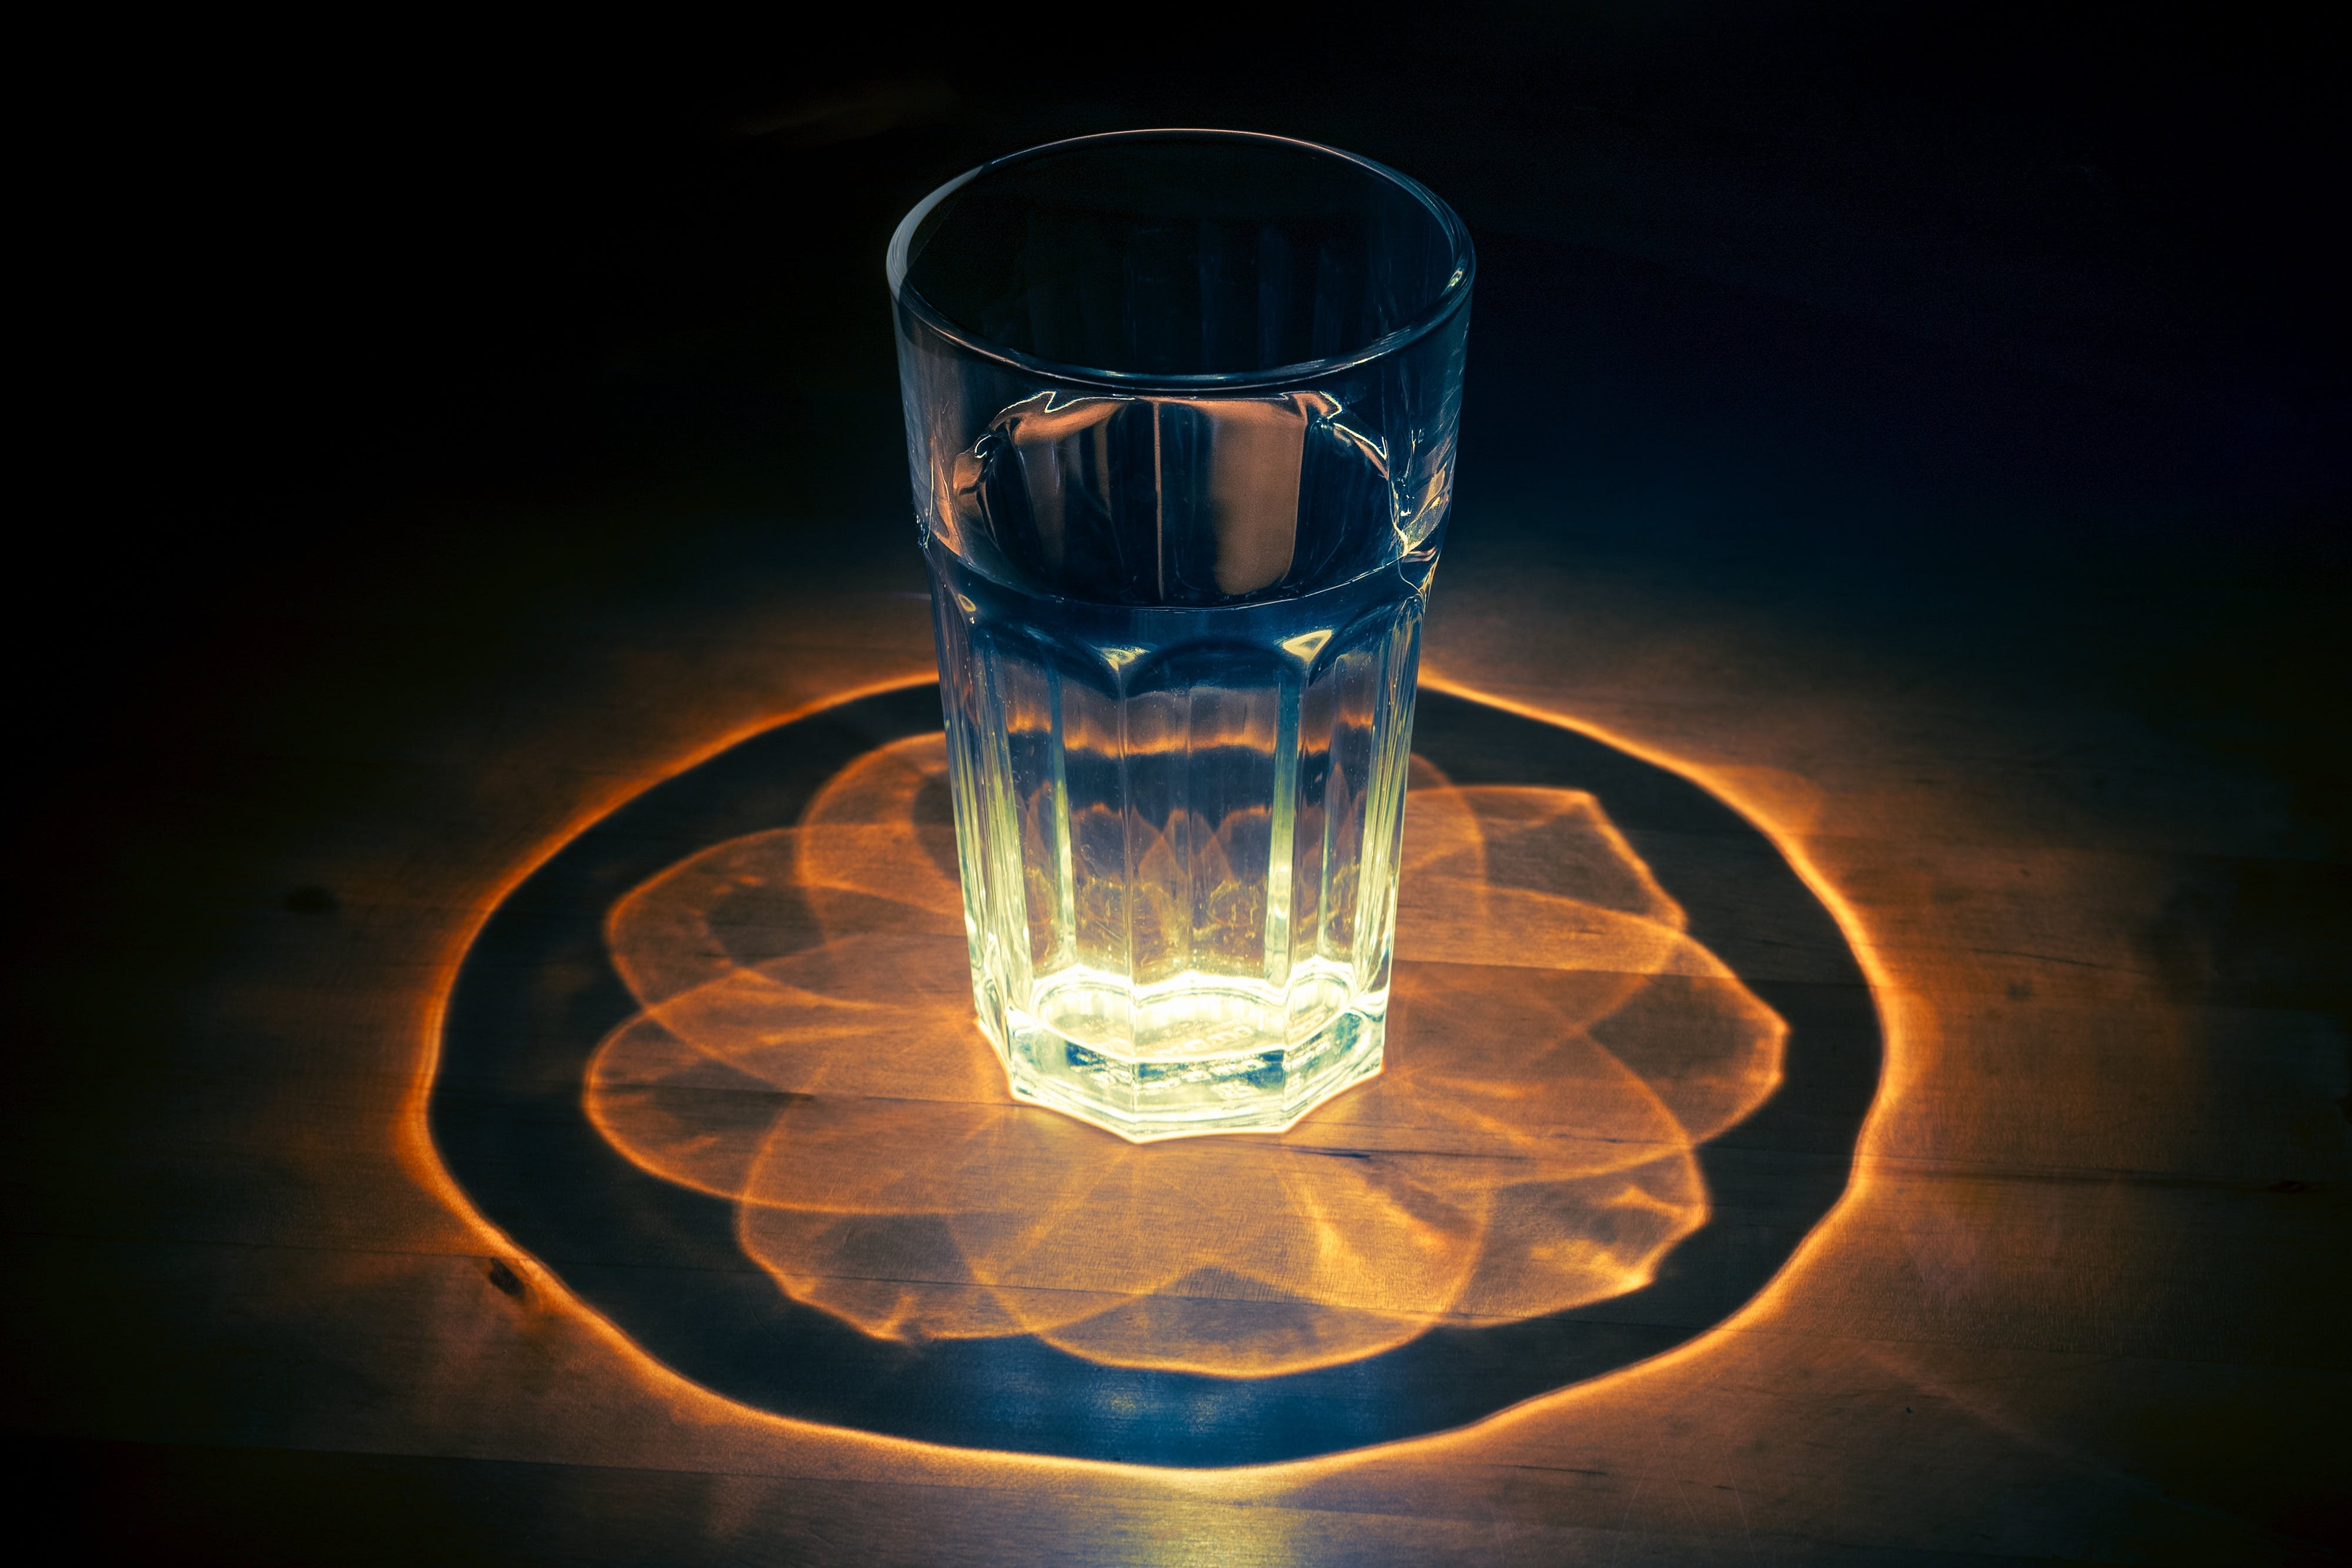 물, 술을 마시다, 식수, 음료수 잔의 무료 스톡 사진